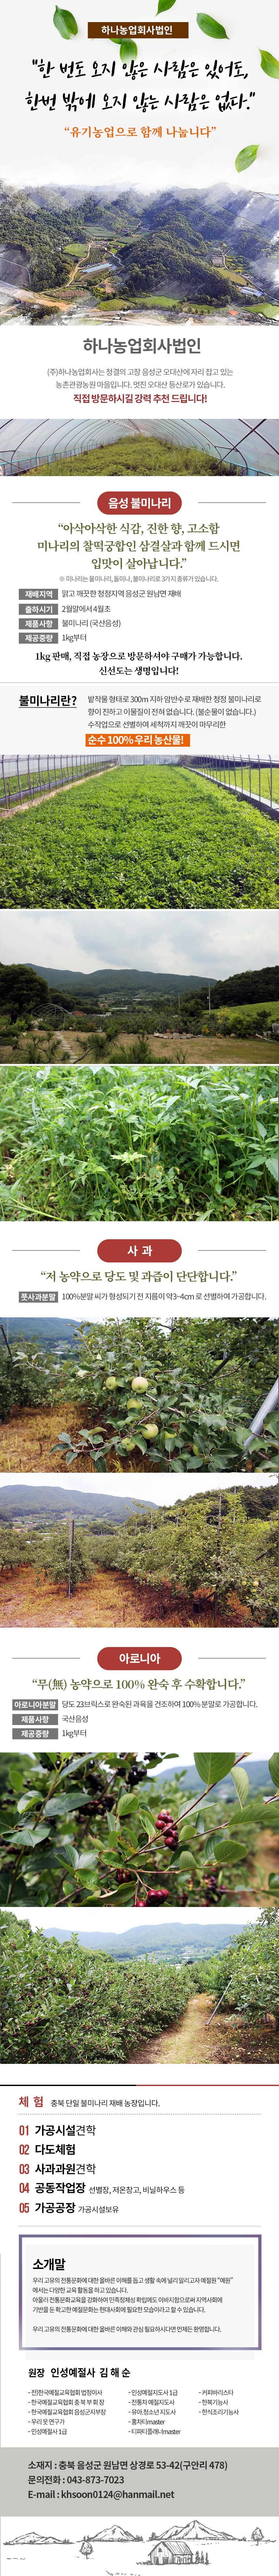 하나농업_최종.jpg